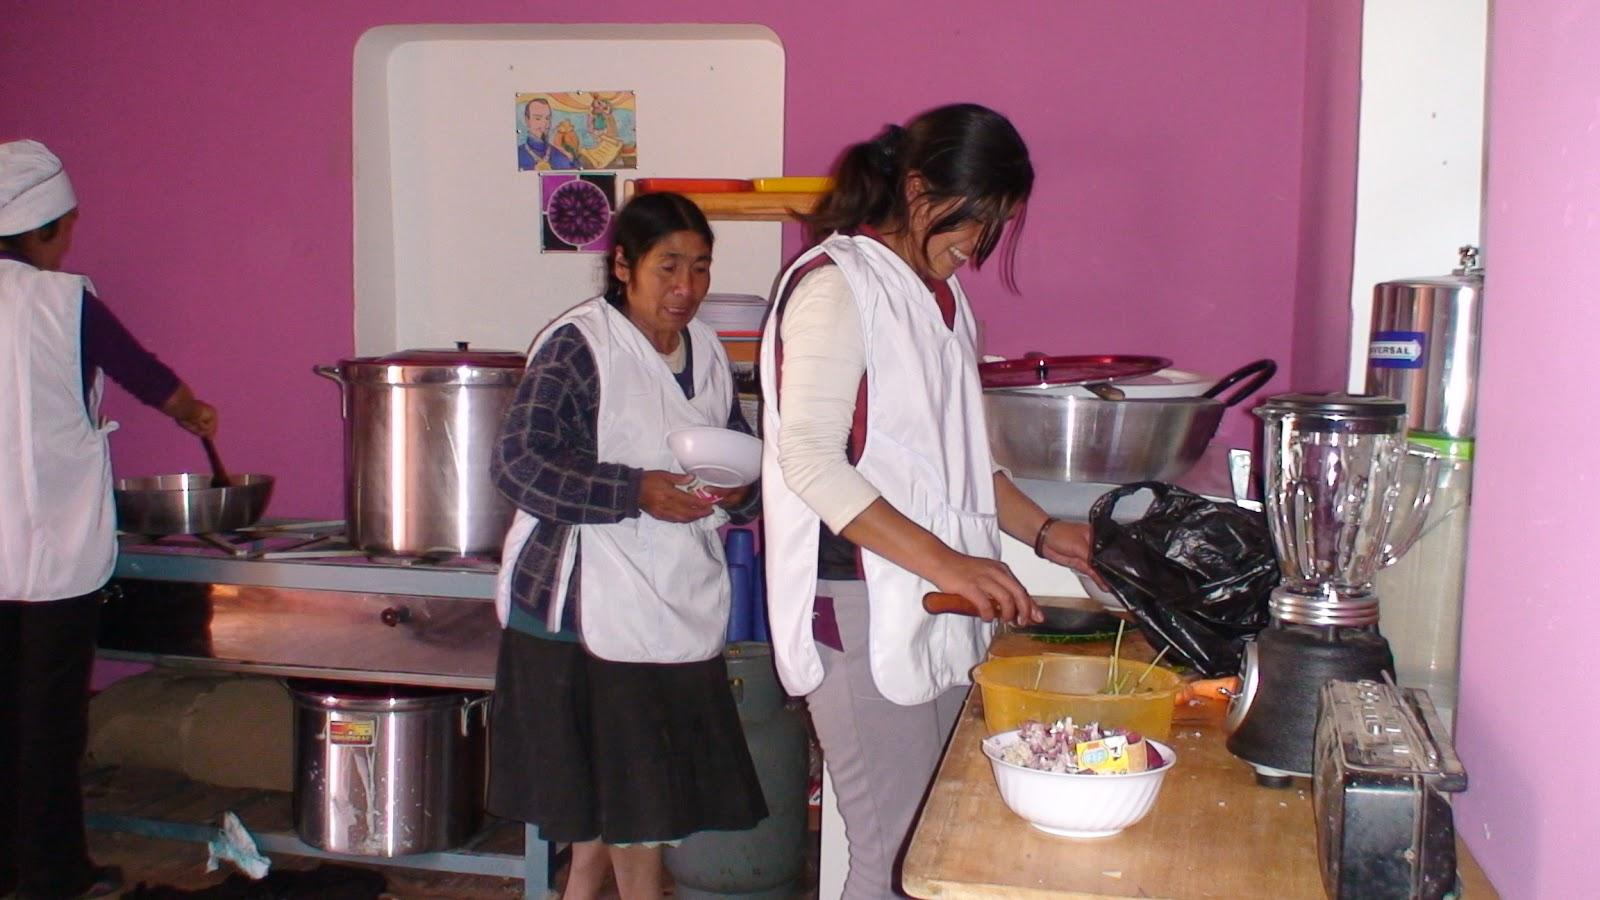 Comedor infantil susana wesley for Comedor infantil